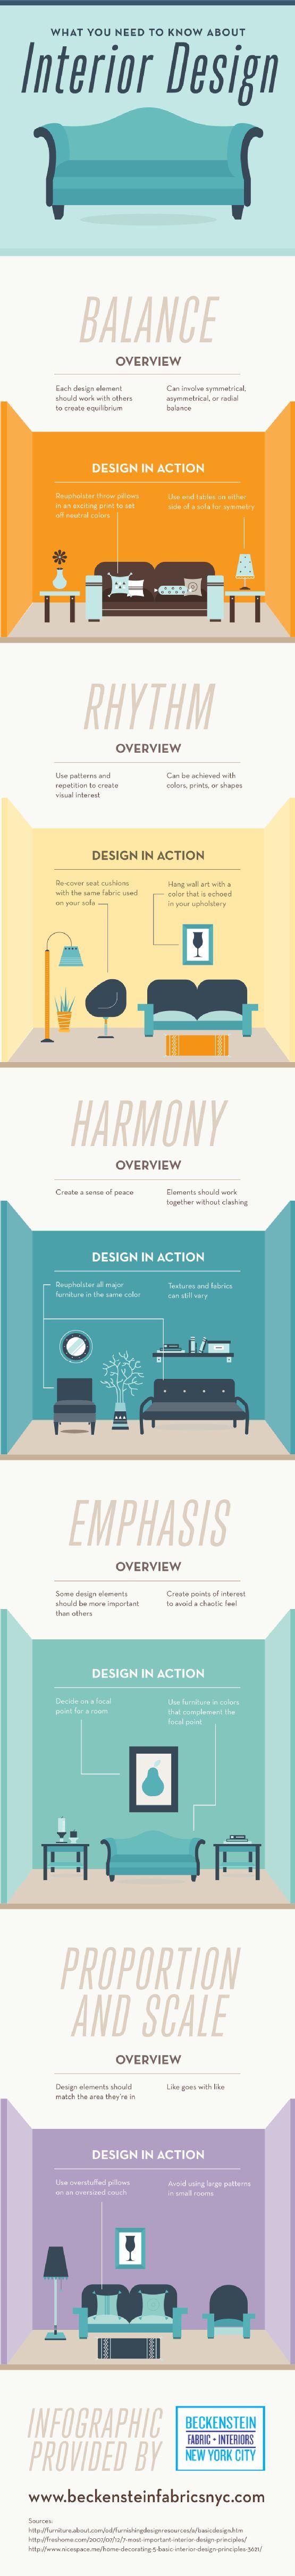 die 52 besten bilder zu interior design auf pinterest, Innenarchitektur ideen